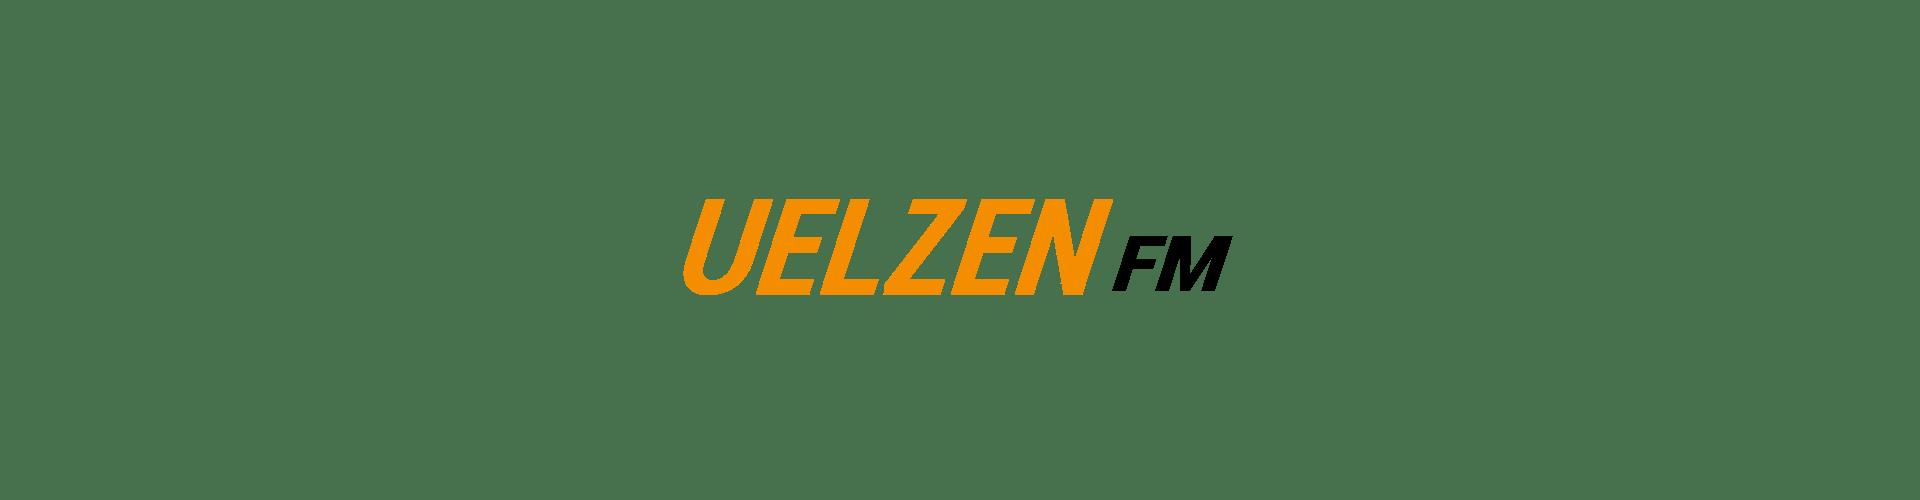 Uelzen FM